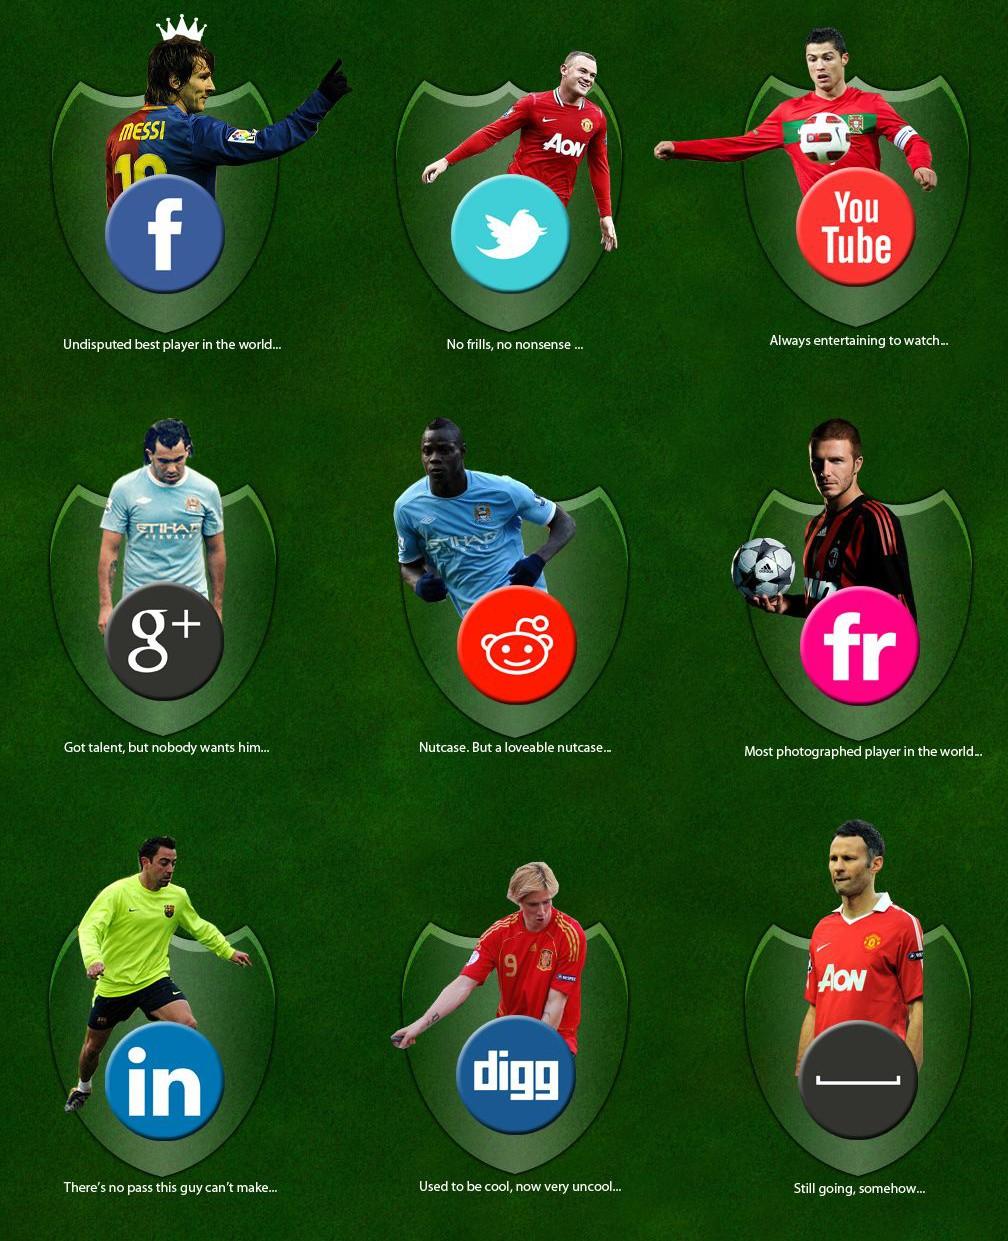 Voetballers sociale netwerken